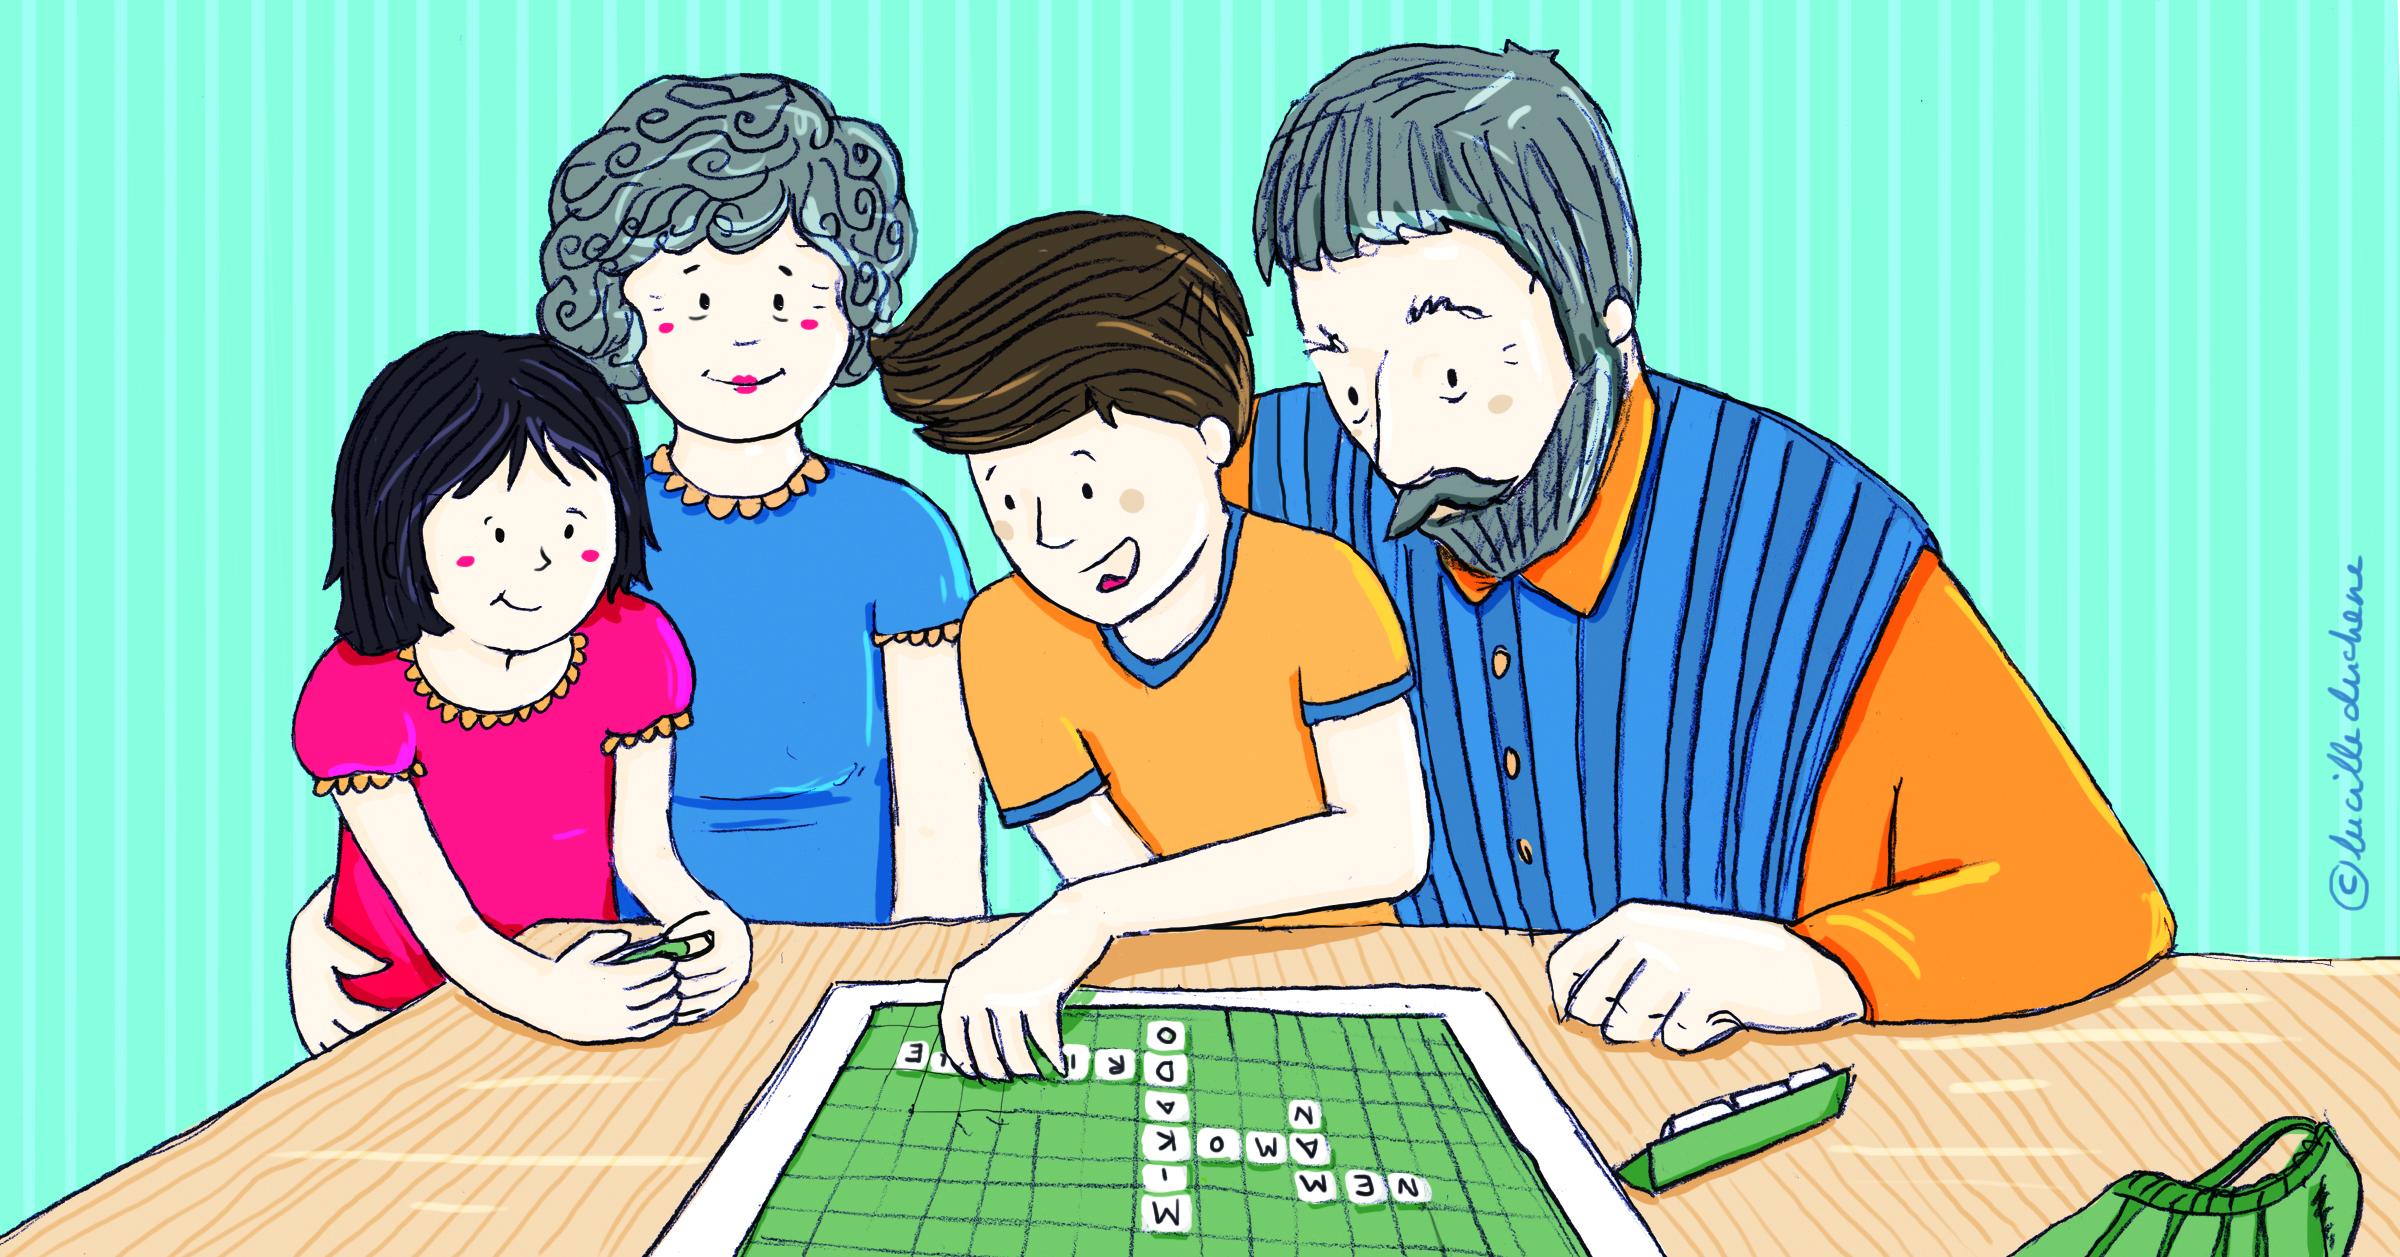 Pendant les vacances, sensibilisez vos enfants et petits-enfants aux langues étrangères grâce aux jeux !